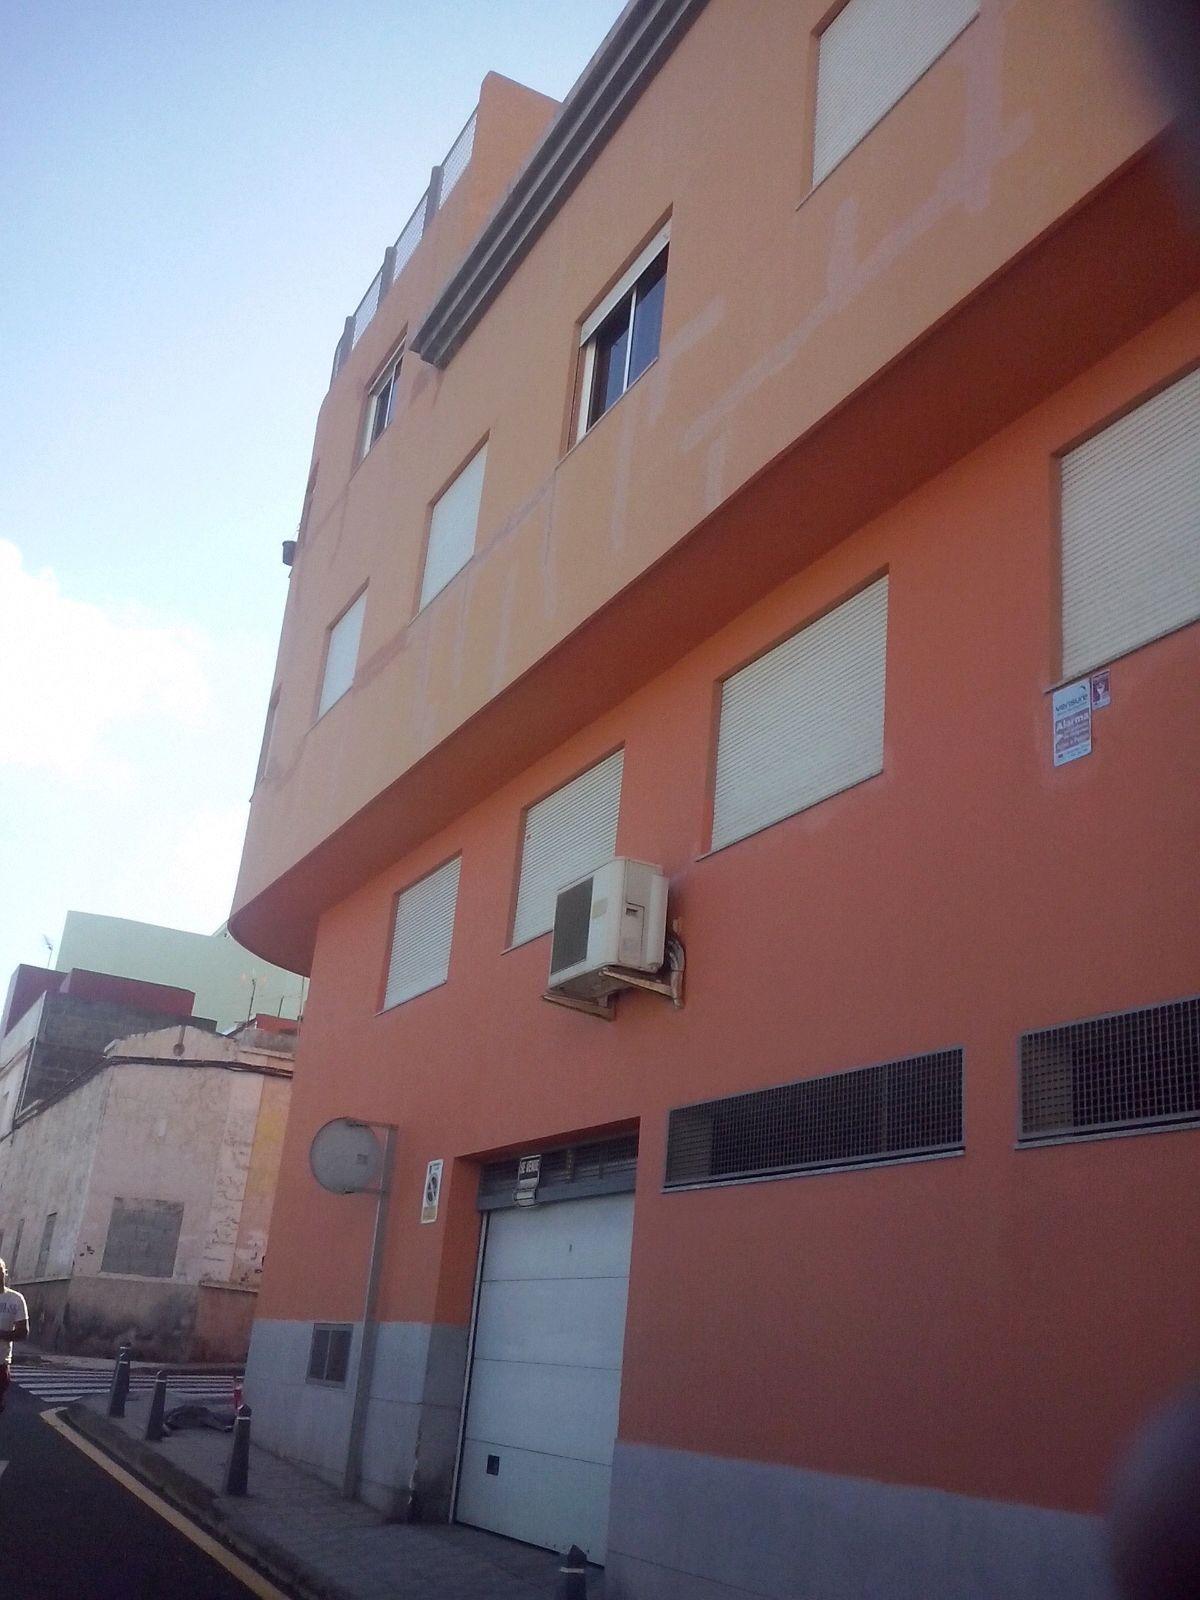 Rehabilitación y pintura de fachadas en Tenerife